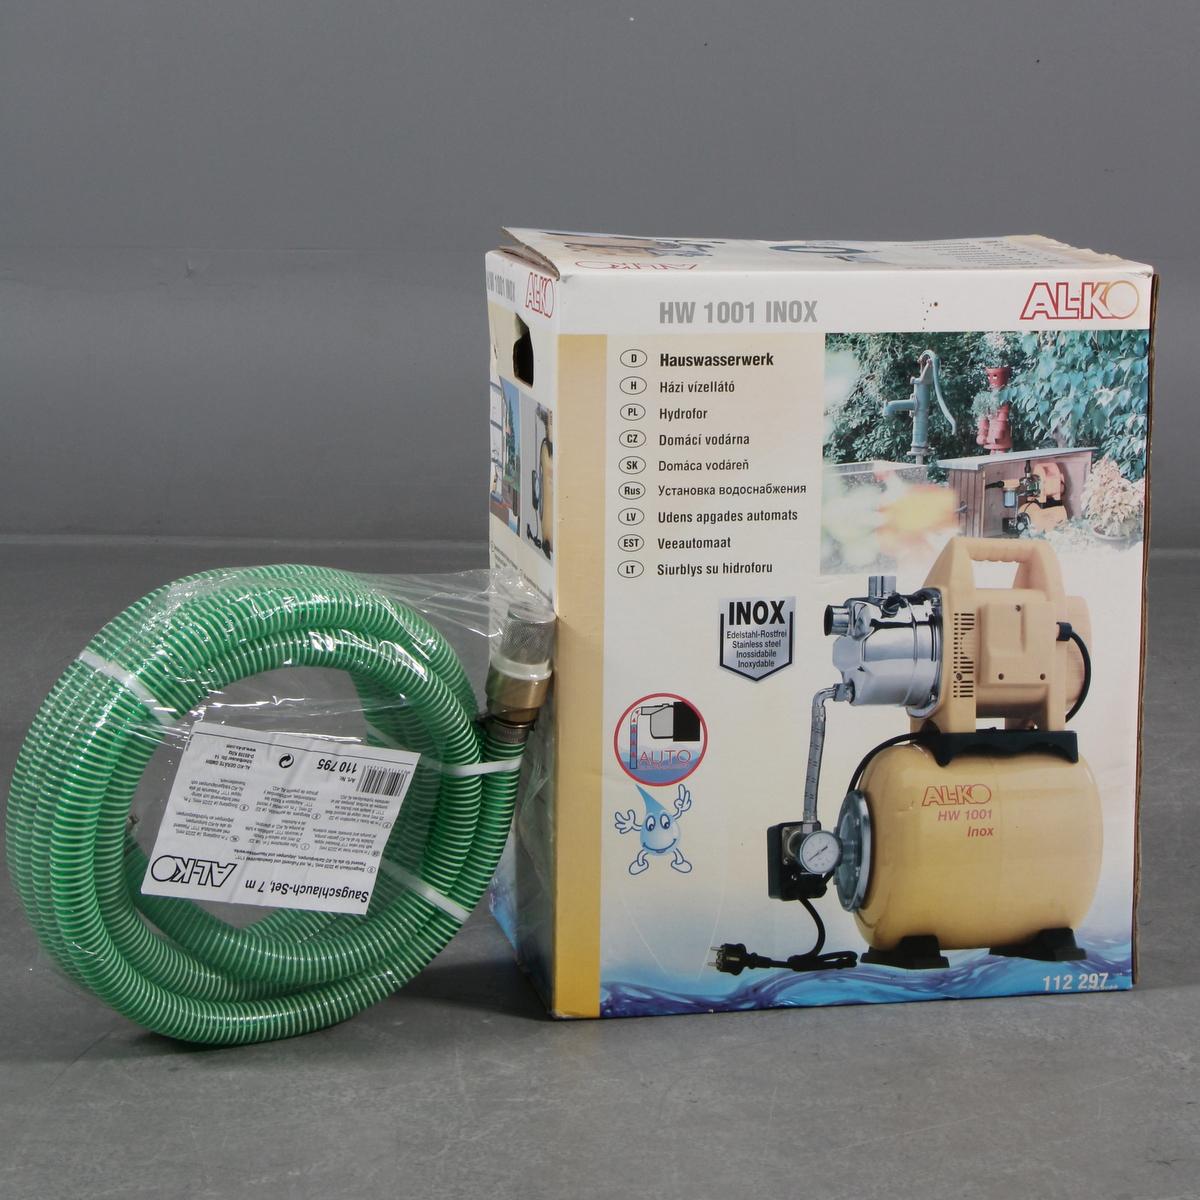 AL-KO vandpumpesystem - AL-KO vandpumpesystem. Slange medfølger. Original emballage. Dele kan mangle. Lauritz.com garanterer ikke for varens funktion